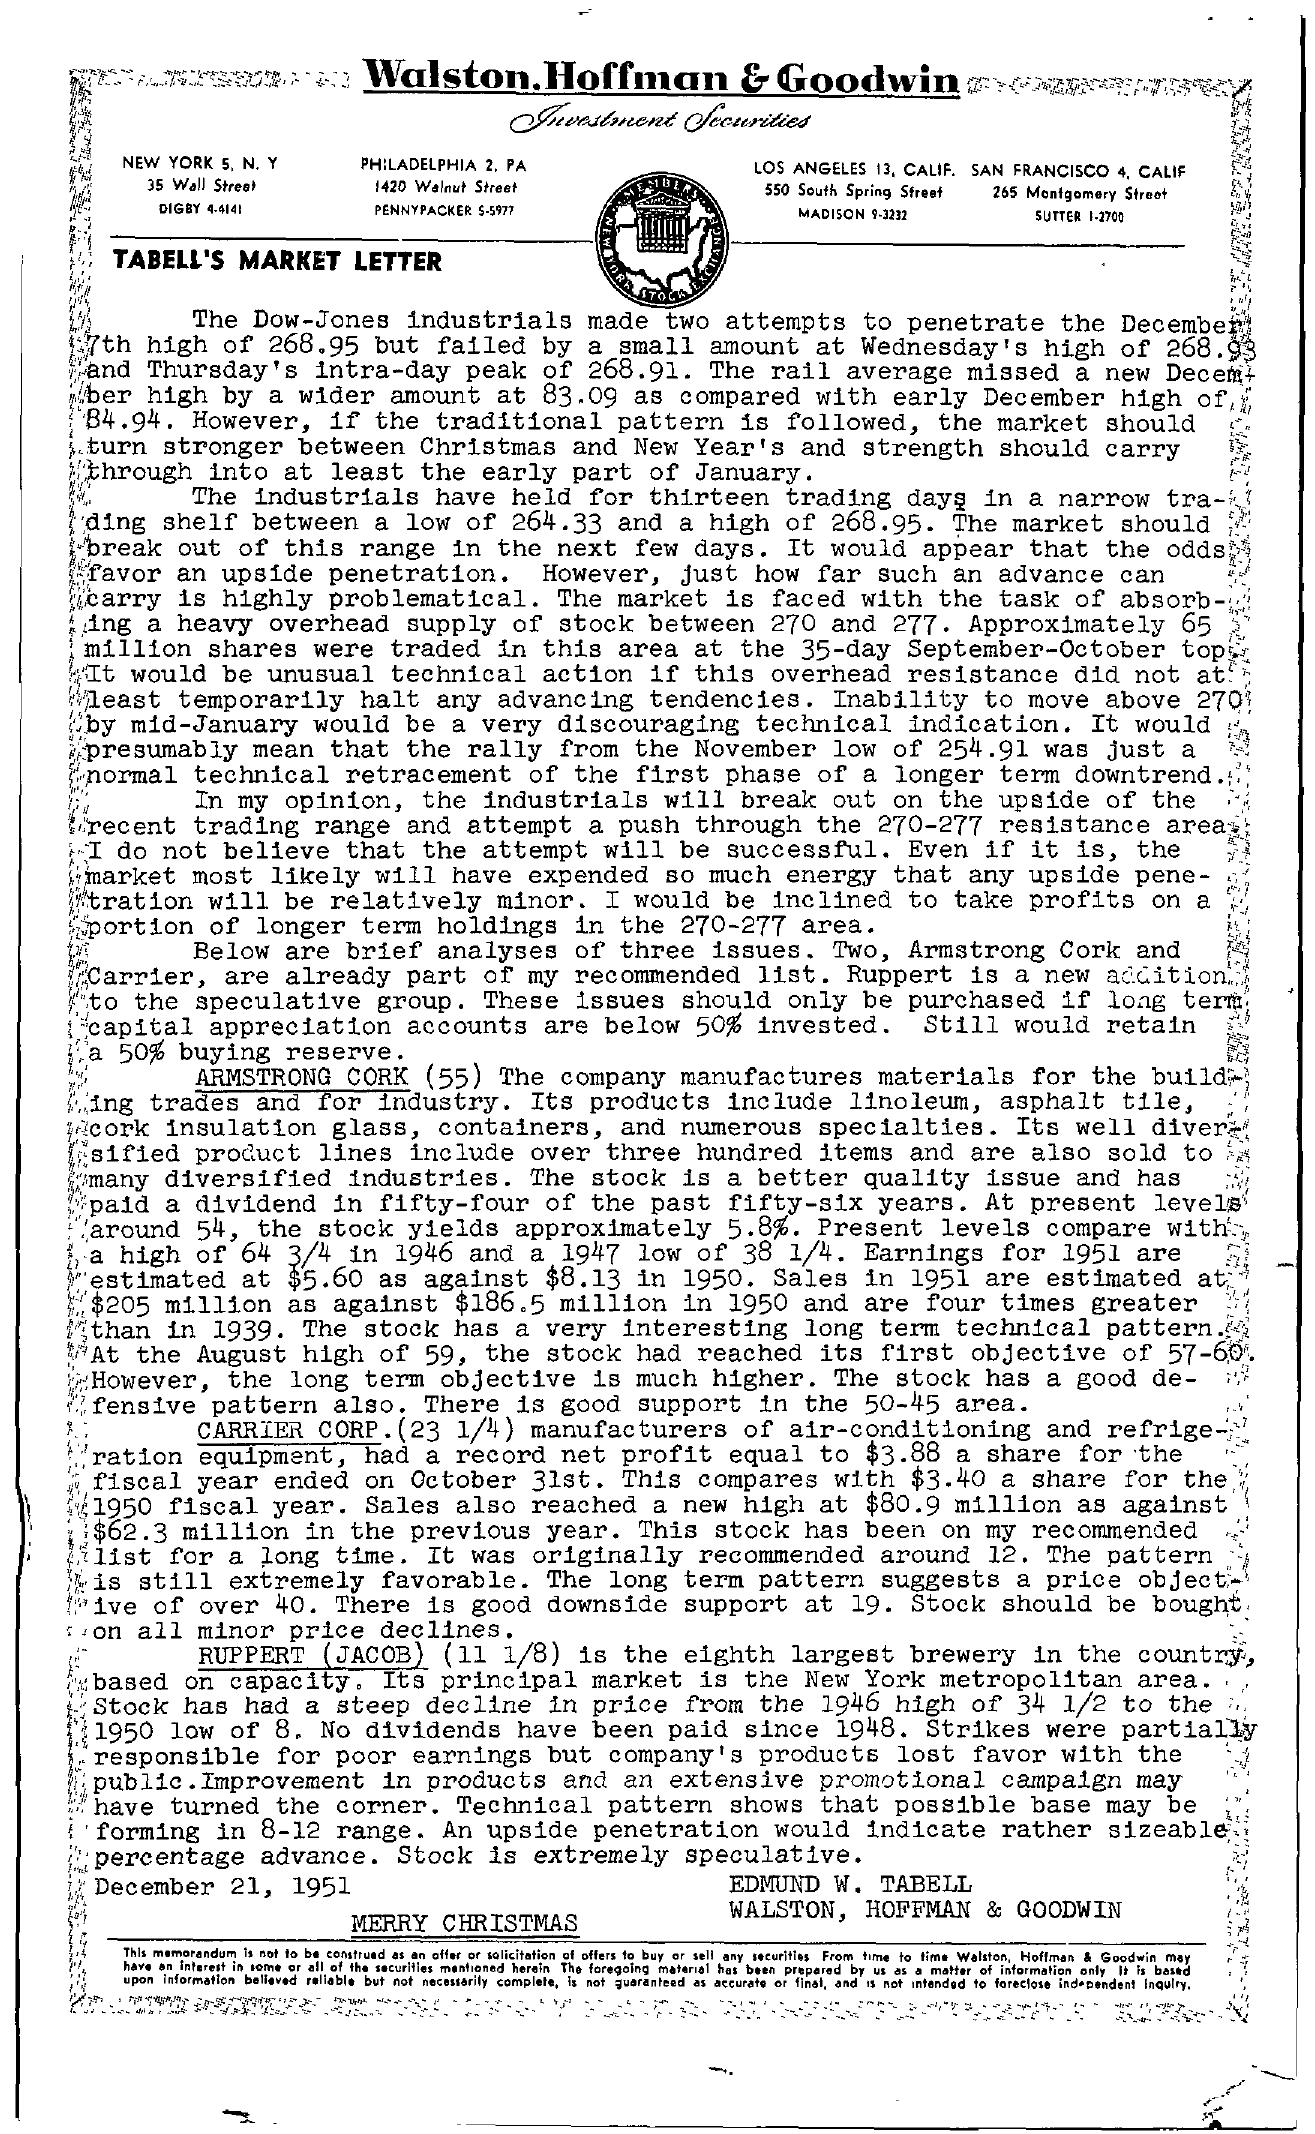 Tabell's Market Letter - December 21, 1951